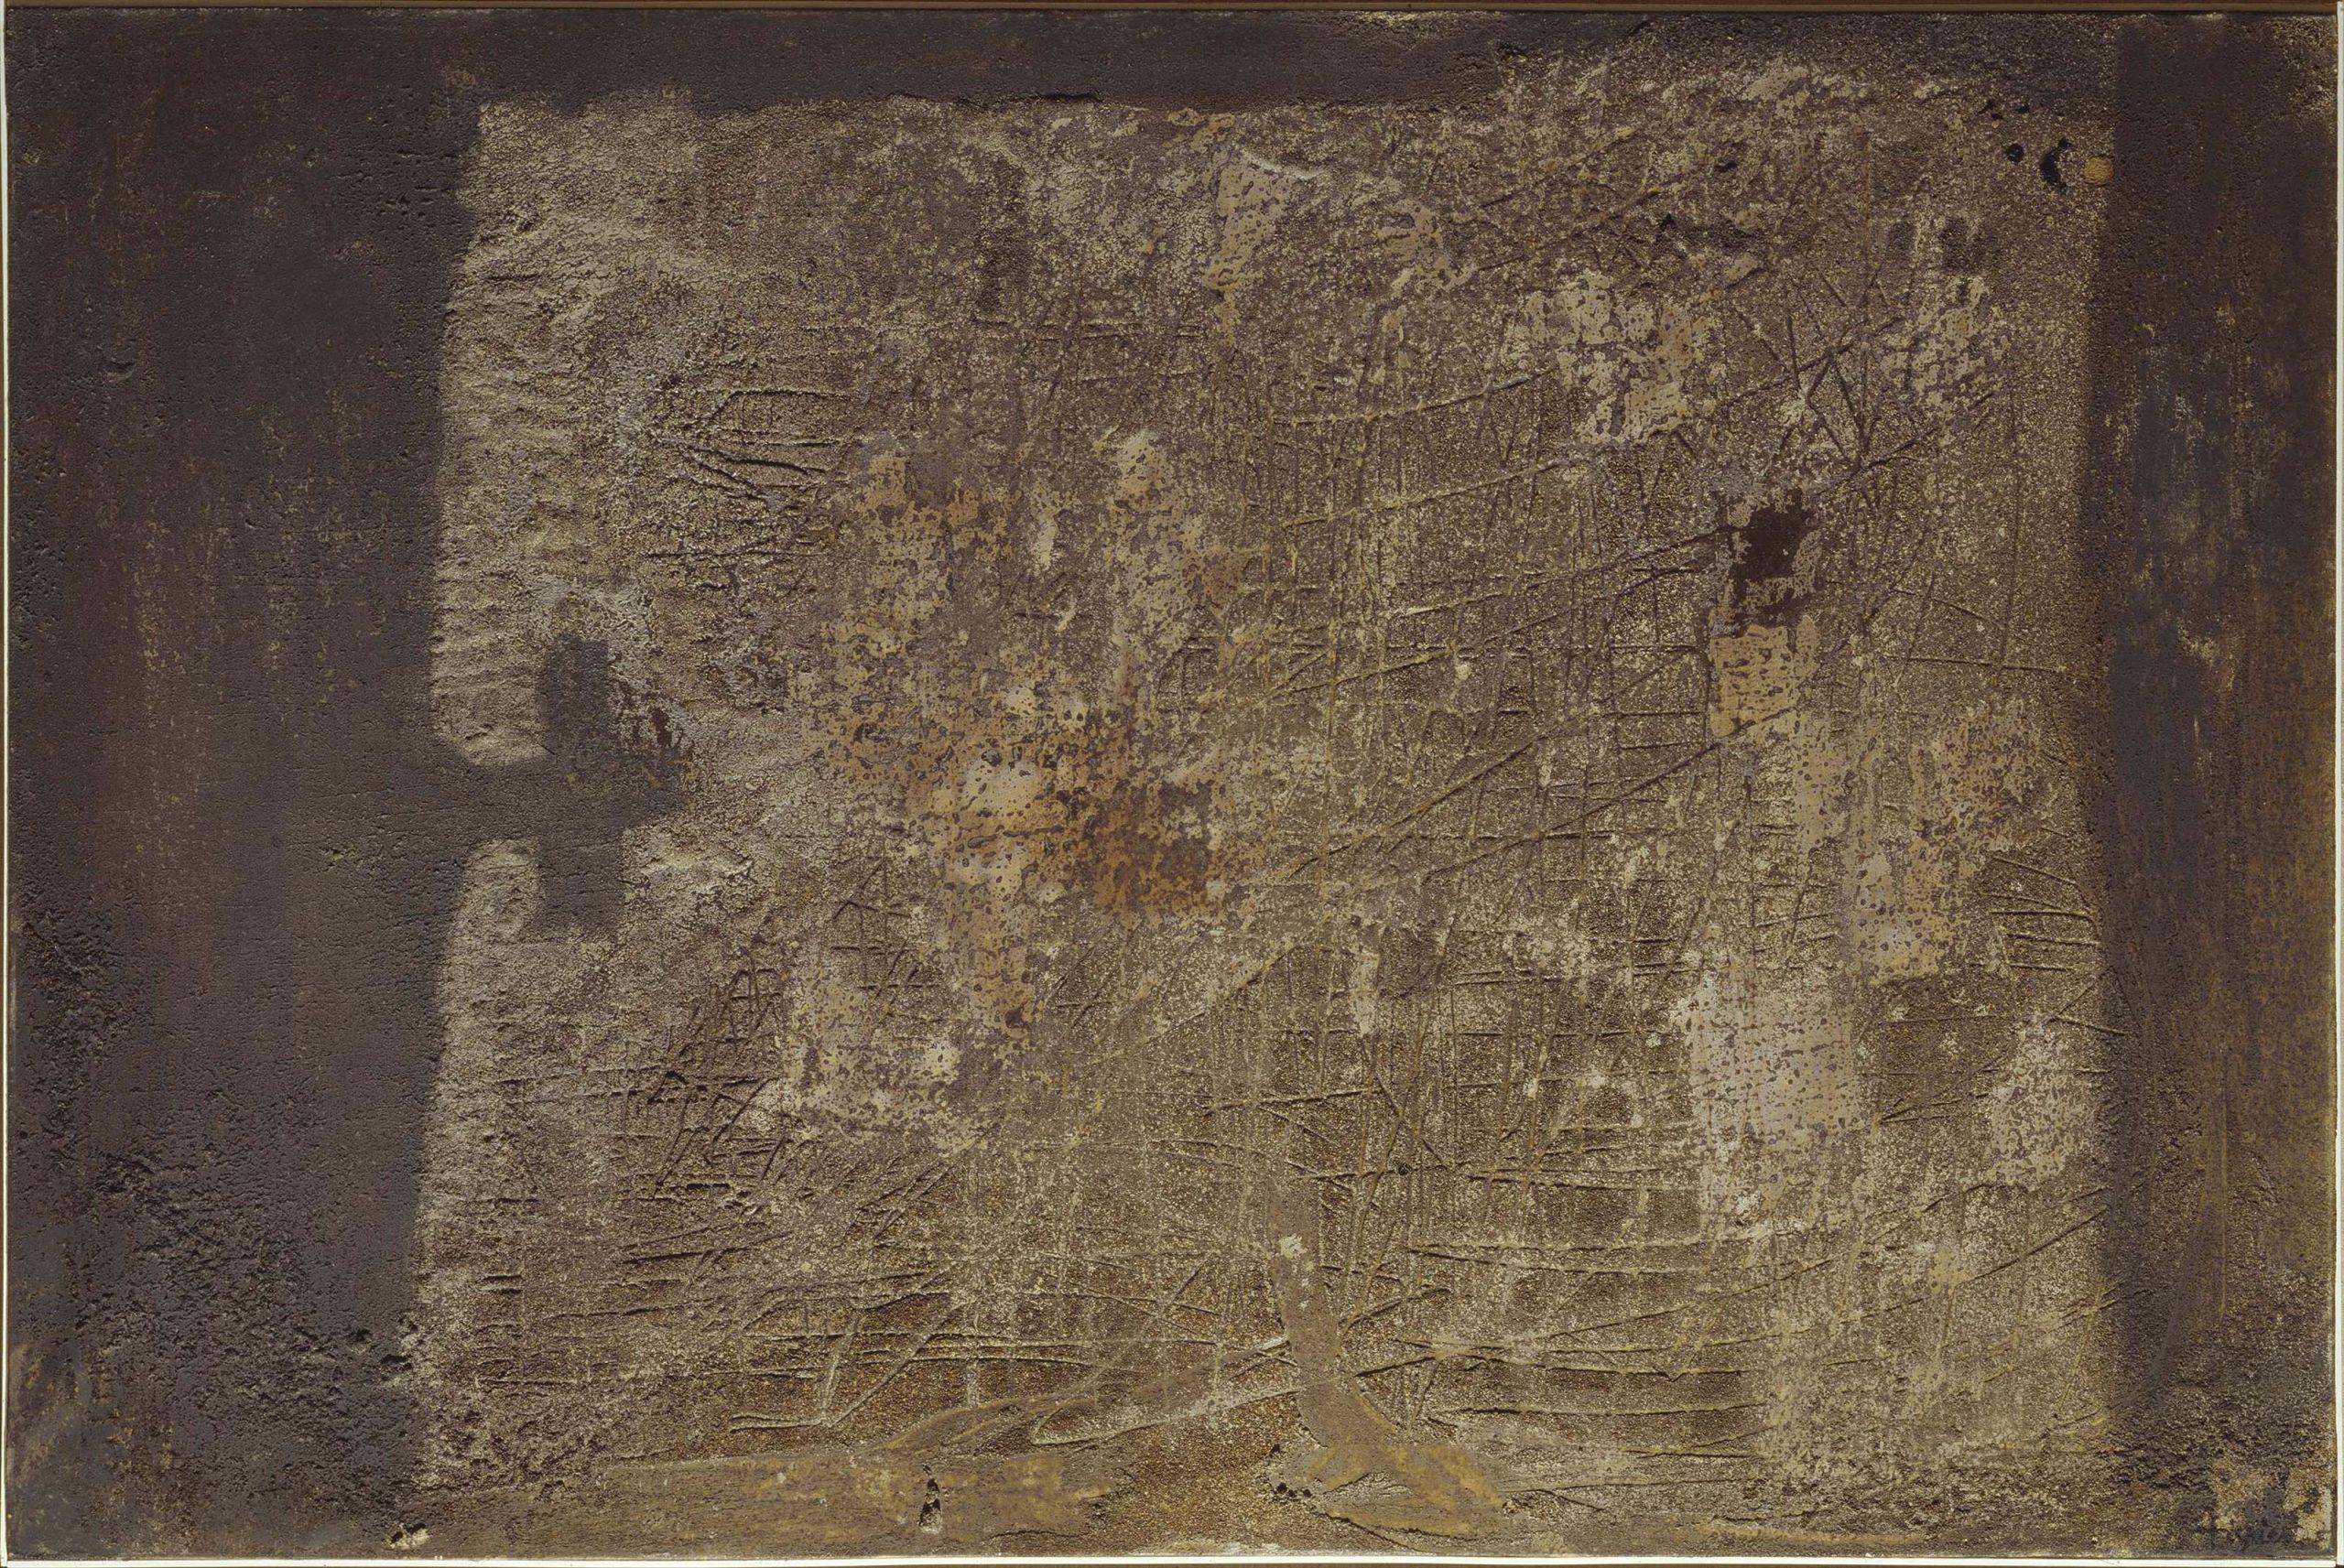 Antoni Tàpies, sovrapposizioni di materia grigia